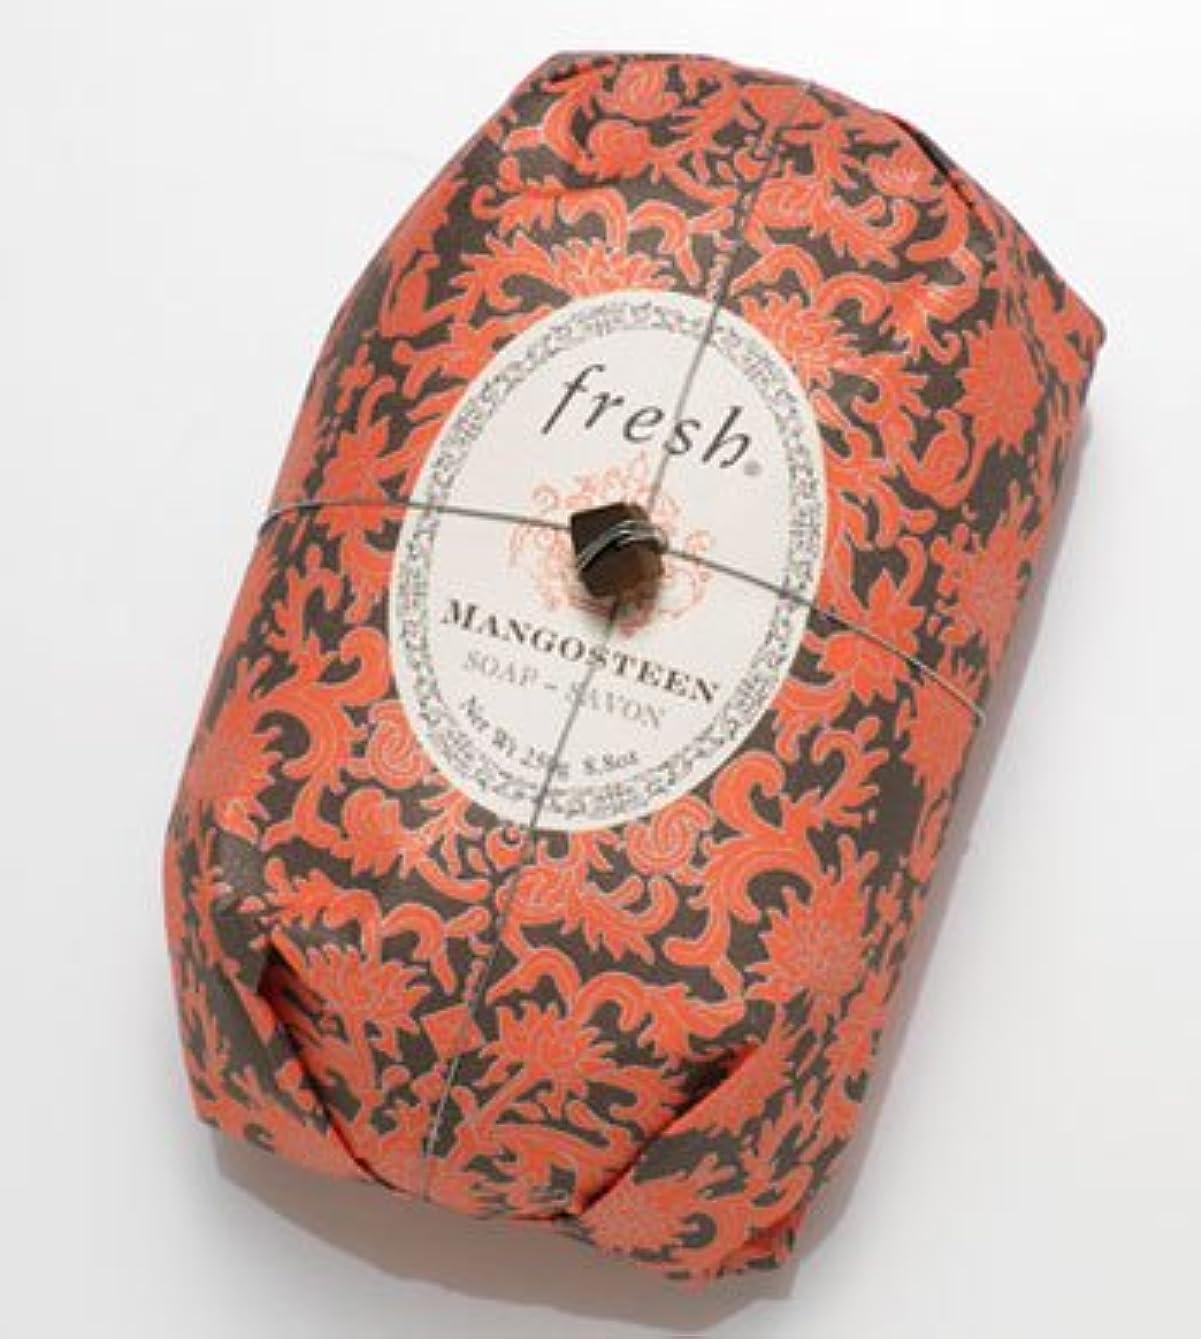 実行超える略すFresh MANGOSTEEN SOAP (フレッシュ マンゴスチーン ソープ) 8.8 oz (250g) Soap (石鹸) by Fresh